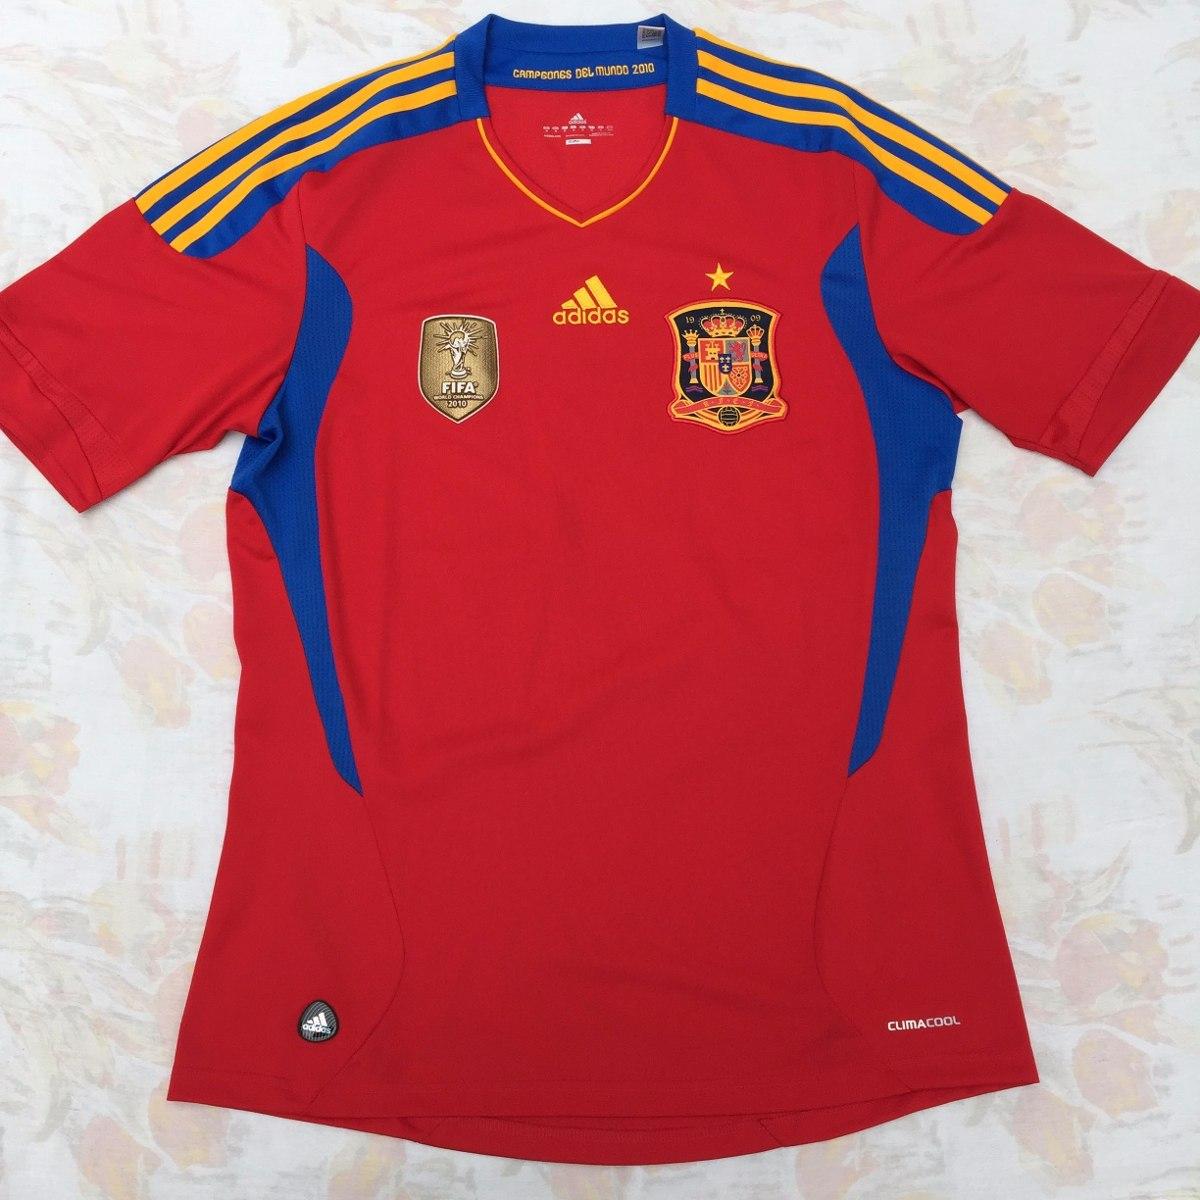 4c668ce821629 V14921 Camisa adidas Espanha Home 10 11 M Fn1608 - R  899